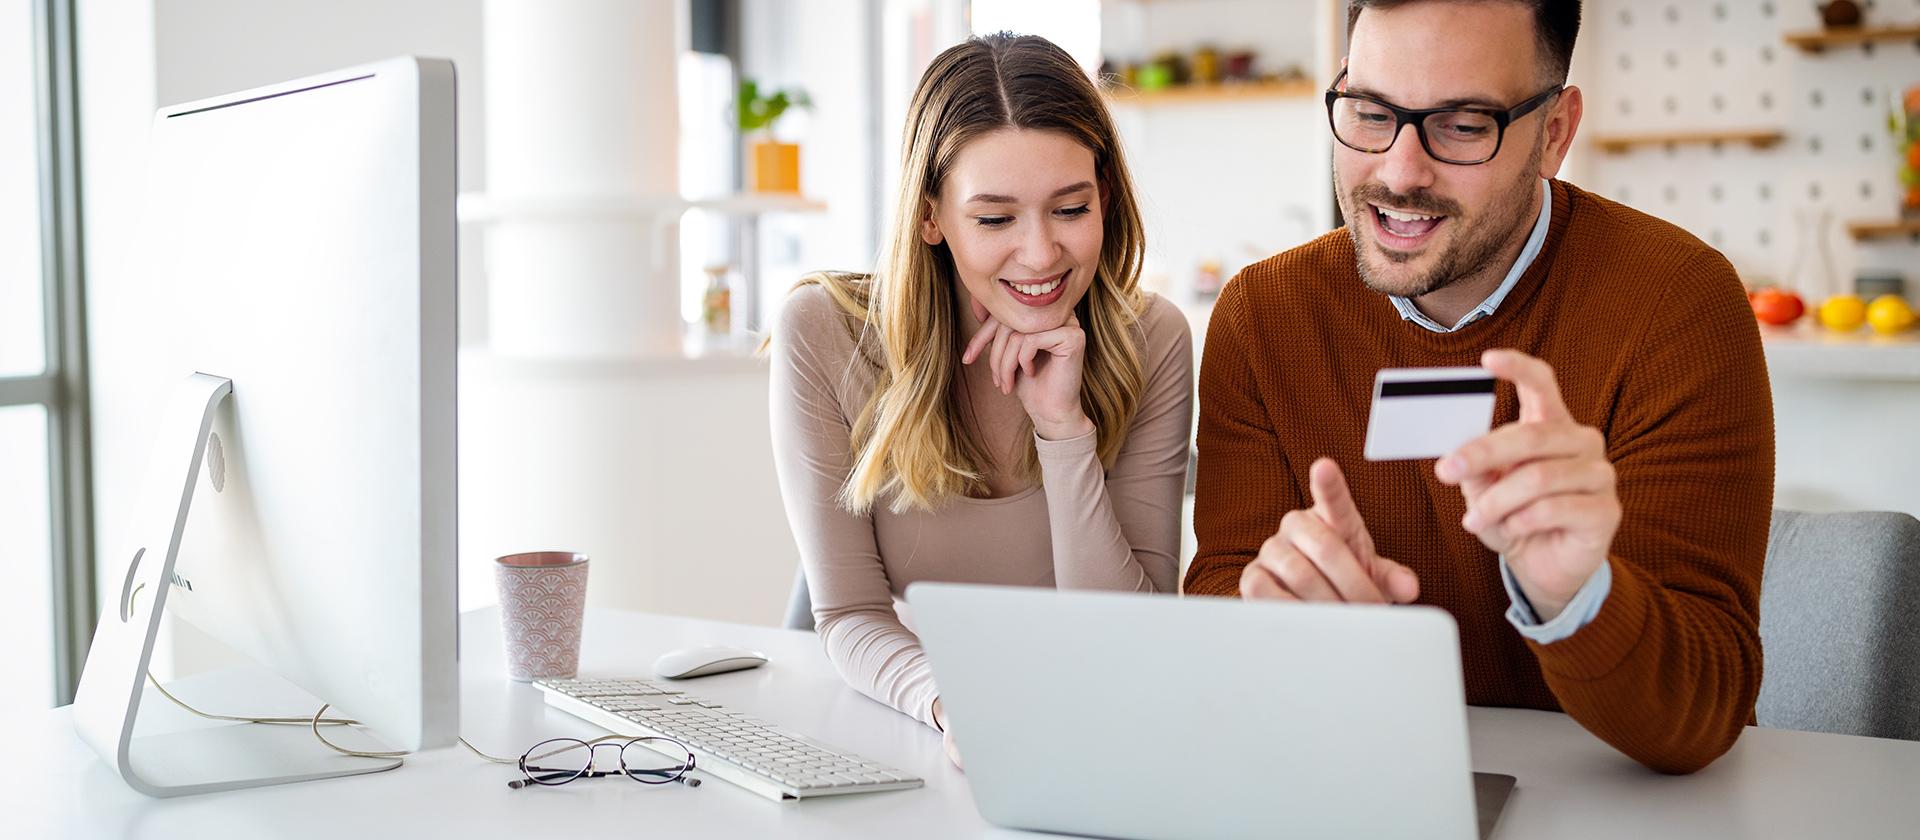 ¿Cómo vender y montar un ecommerce B2B?